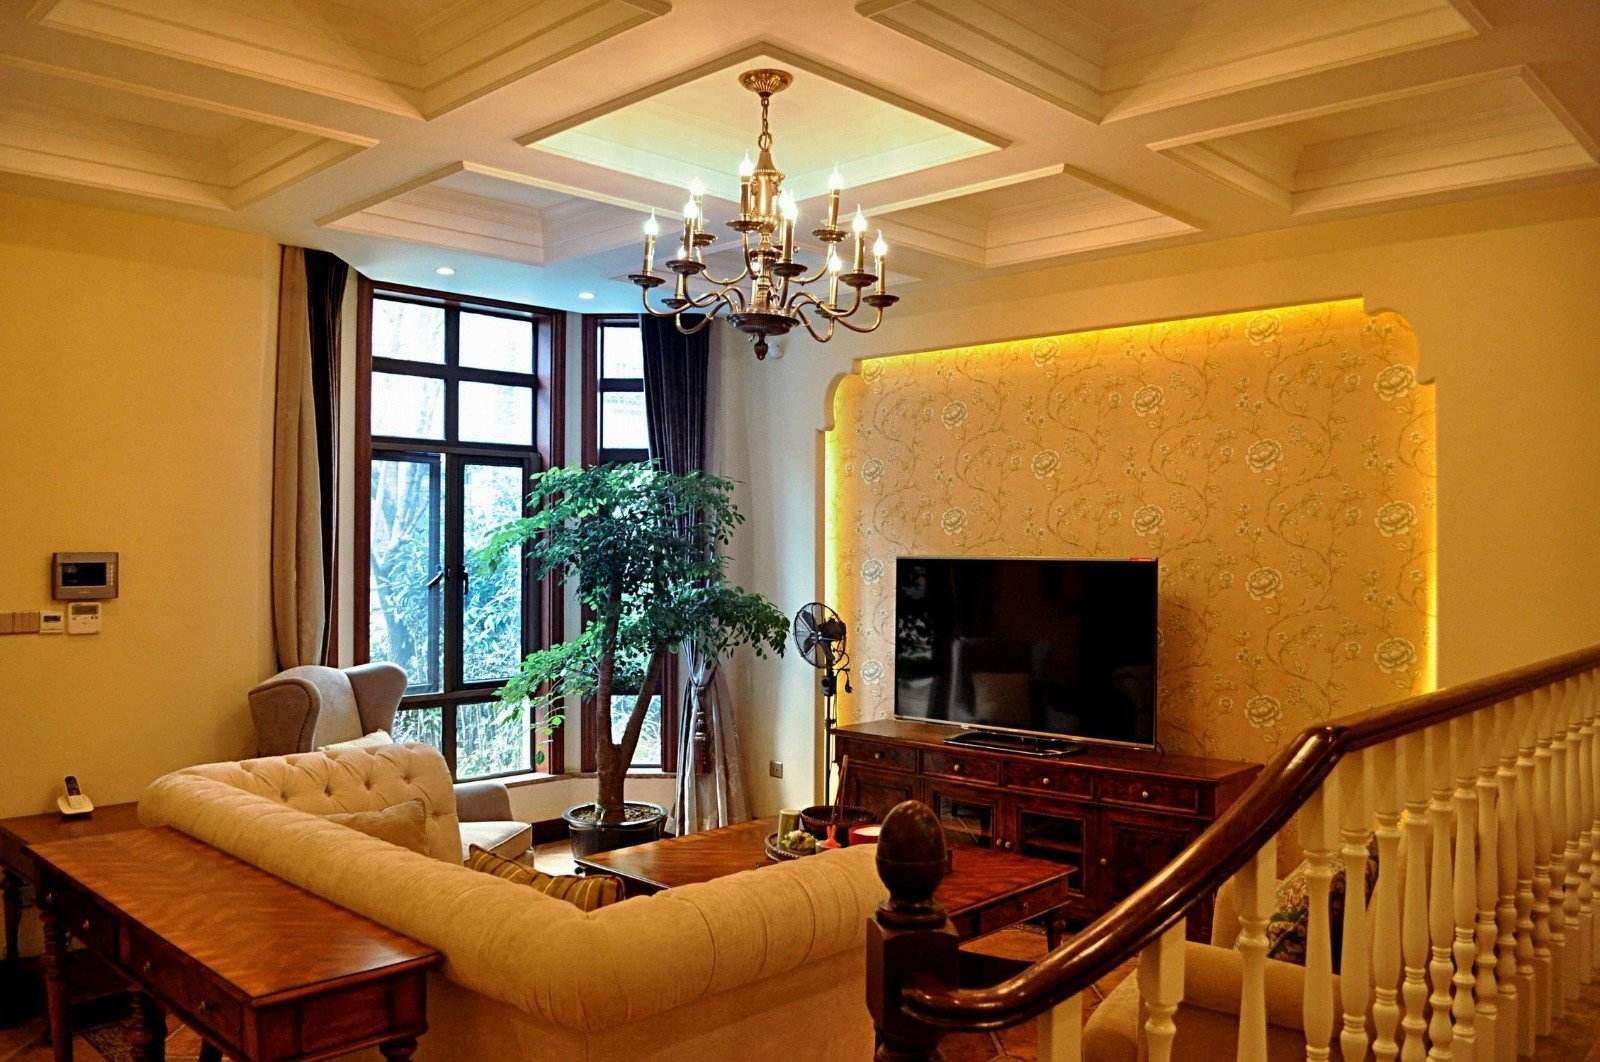 典雅休闲美式设计风格别墅客厅铁艺吊灯装饰图_装修百科图片